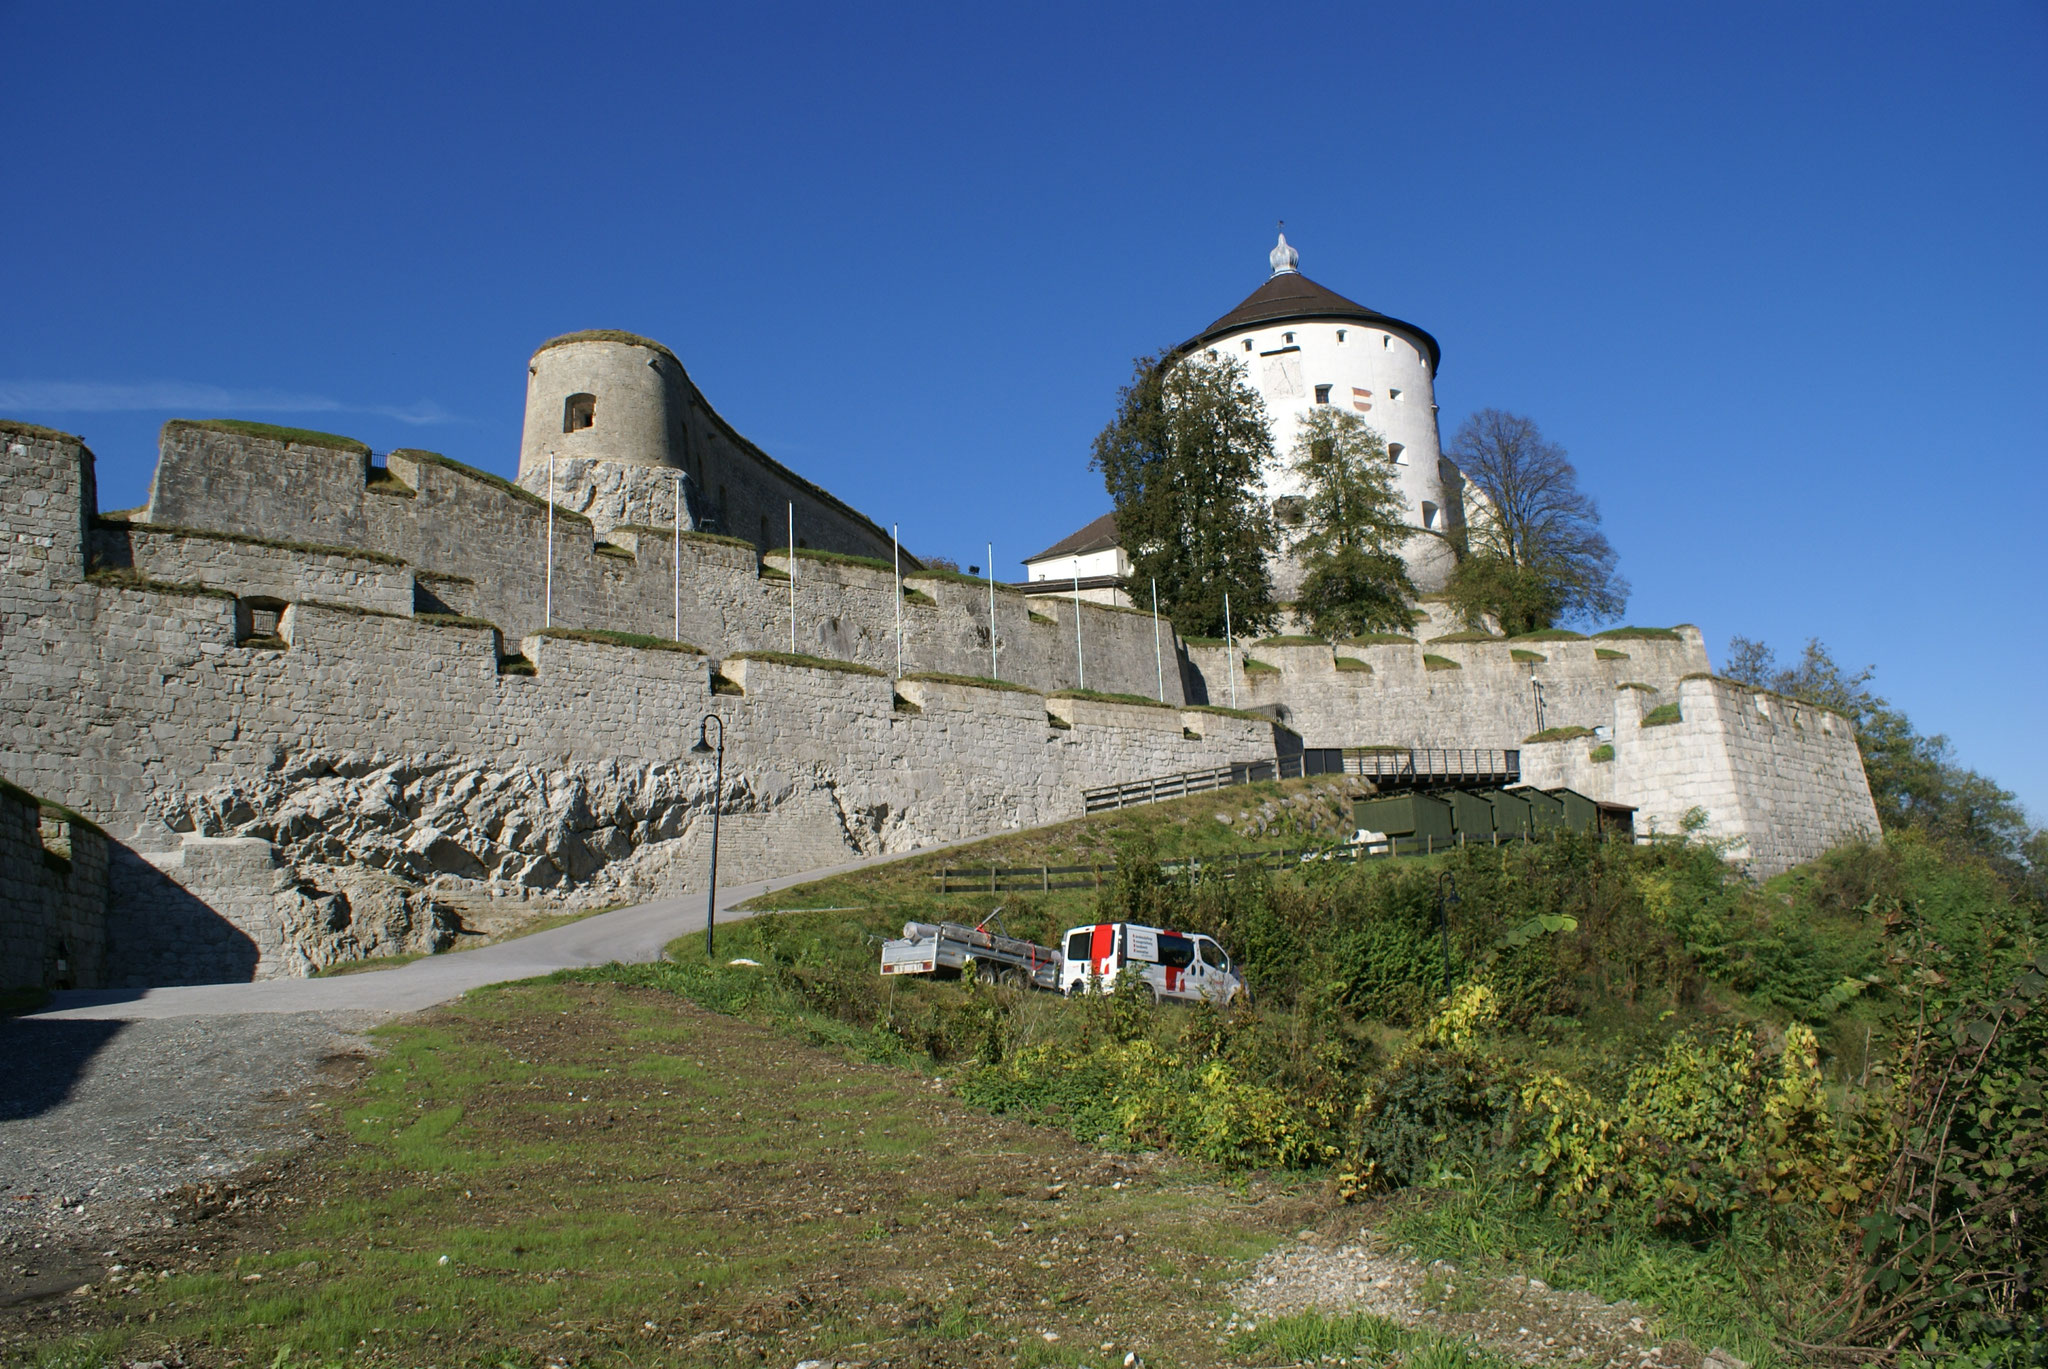 Steinmetzmeister/Restaurator Erich Reichl Salzburg; Burg Kufstein